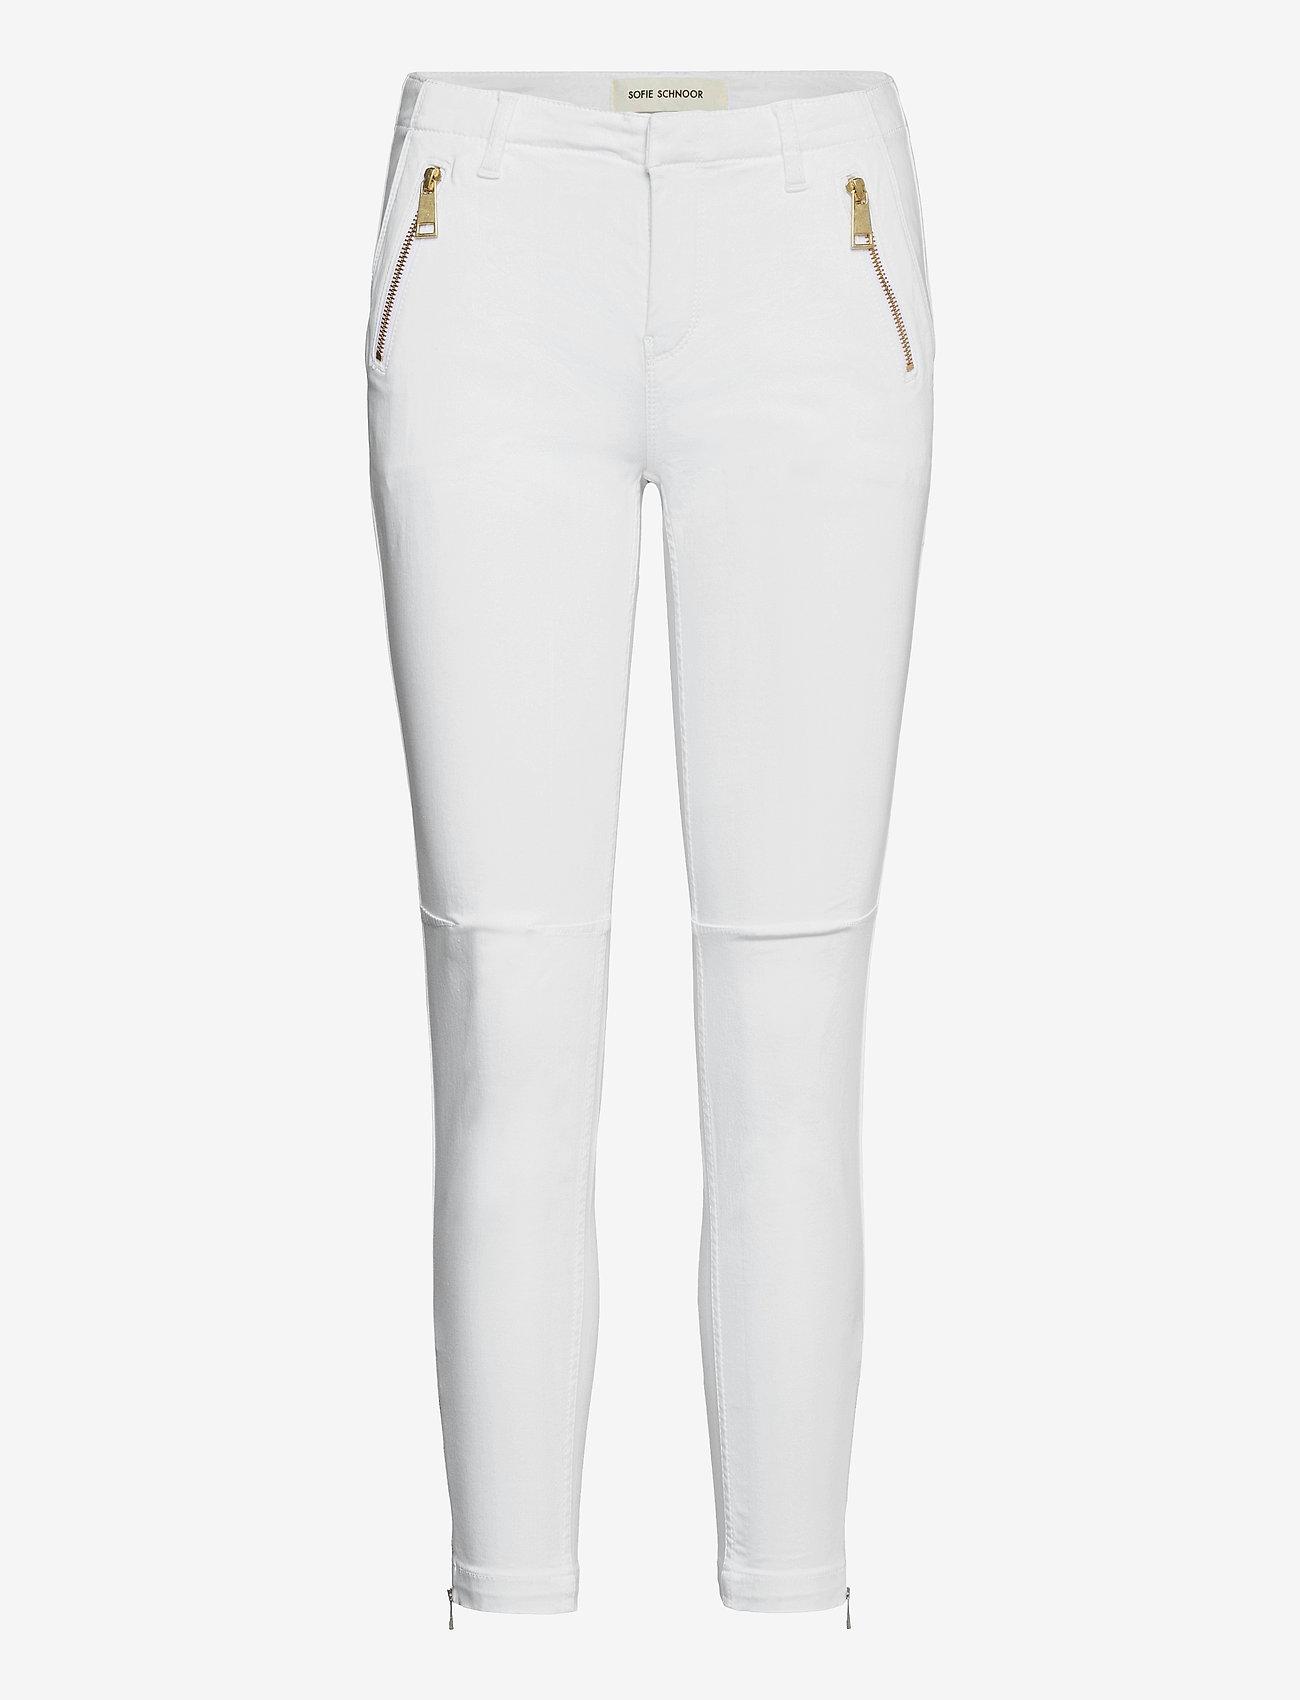 Sofie Schnoor - Pants - slim fit bukser - white - 0